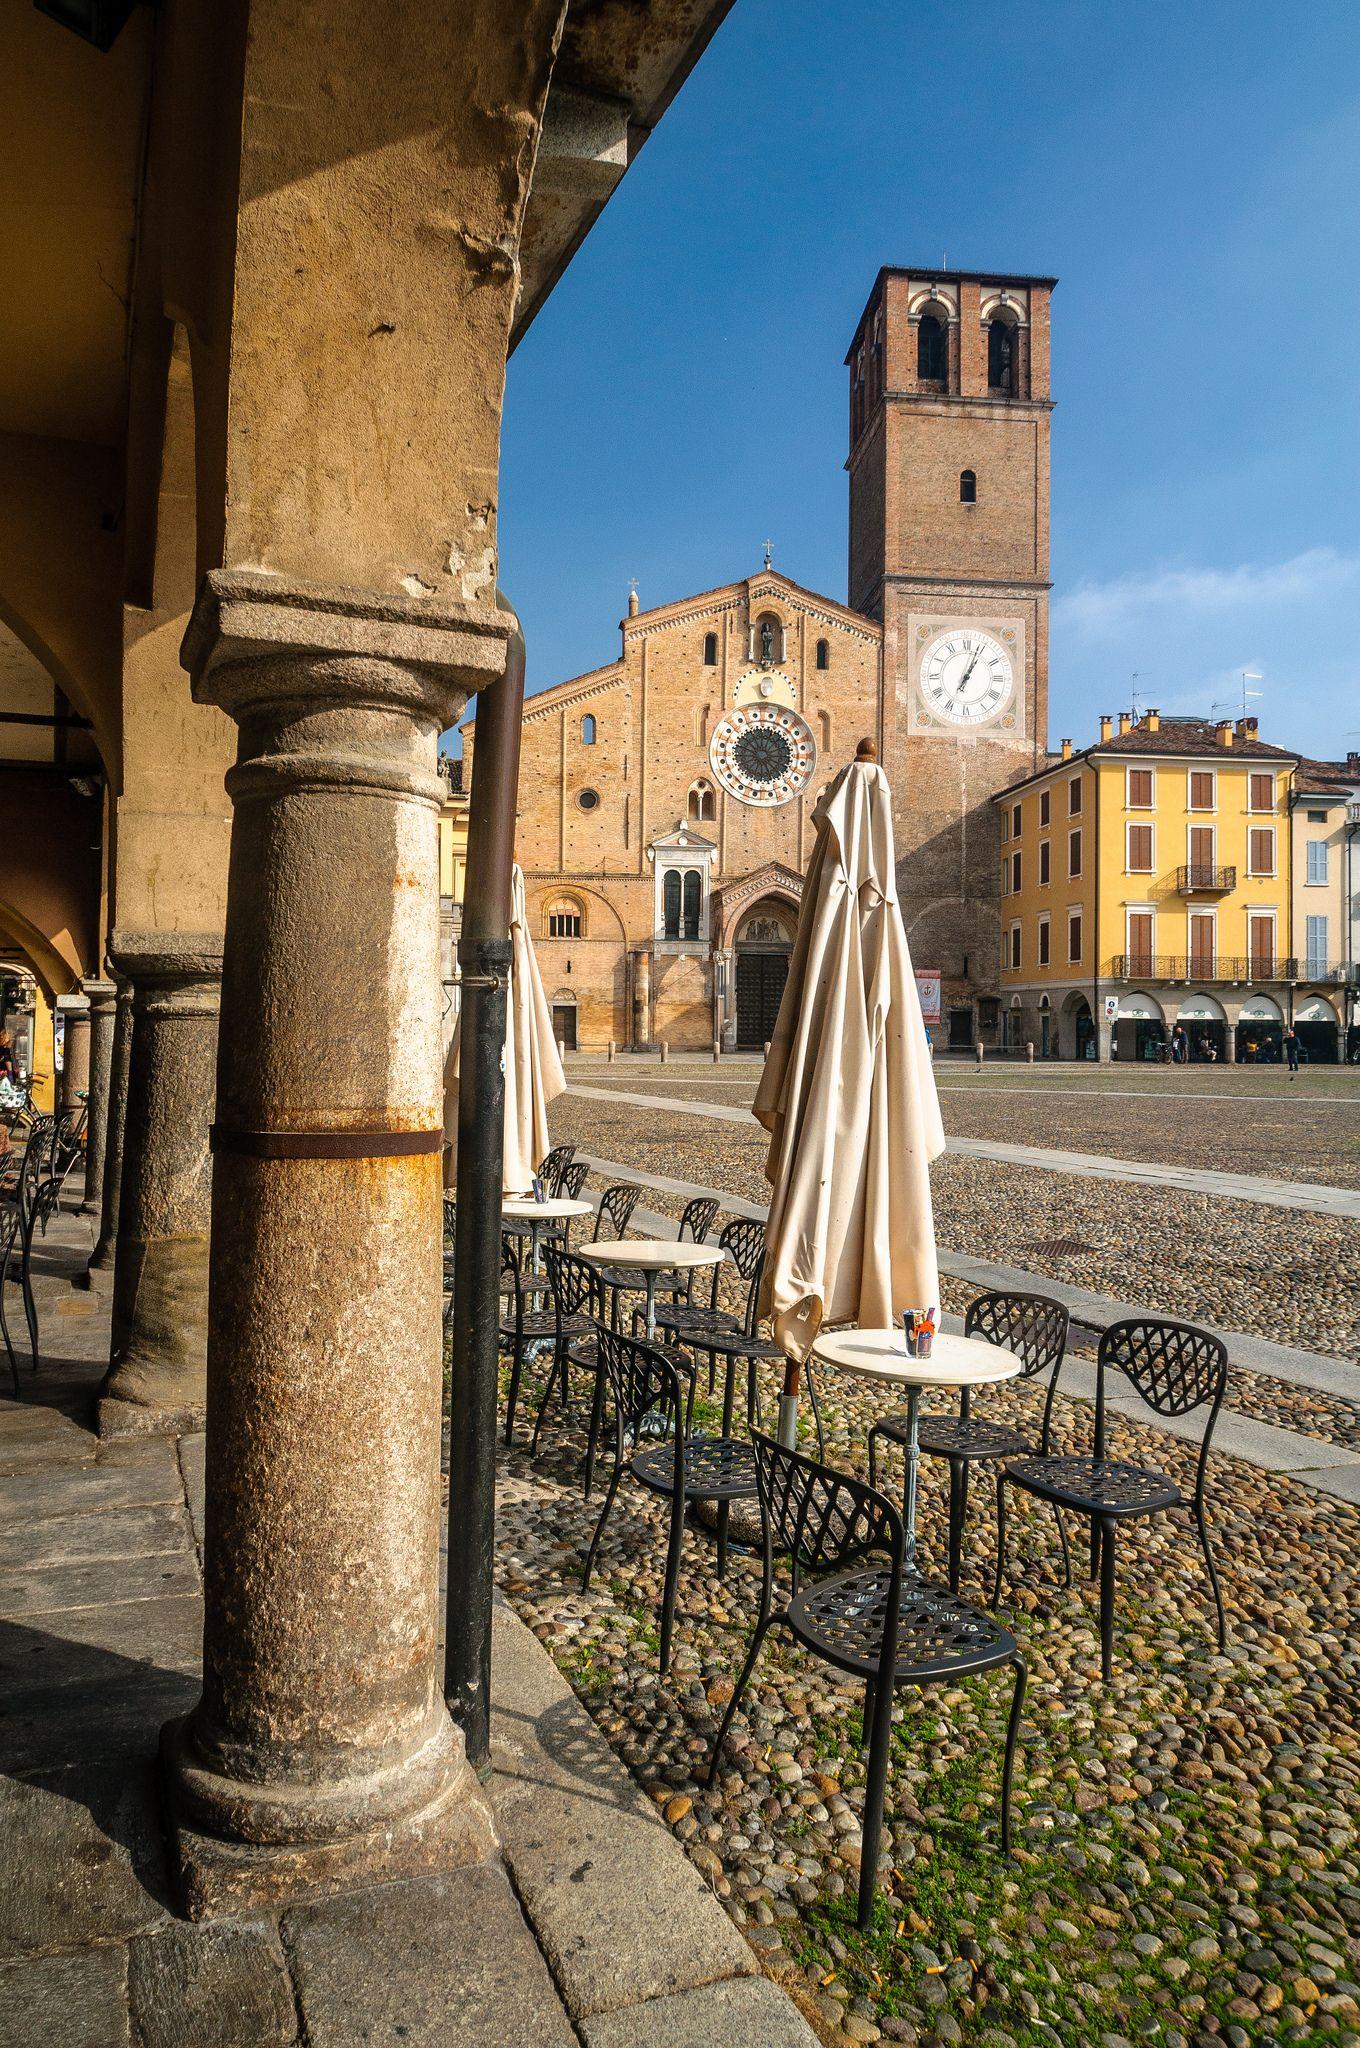 https://flic.kr/s/aHsjvrQsEG | Lodi - Piazza della Vittoria | REGIONE LOMBARDIA | ITALY